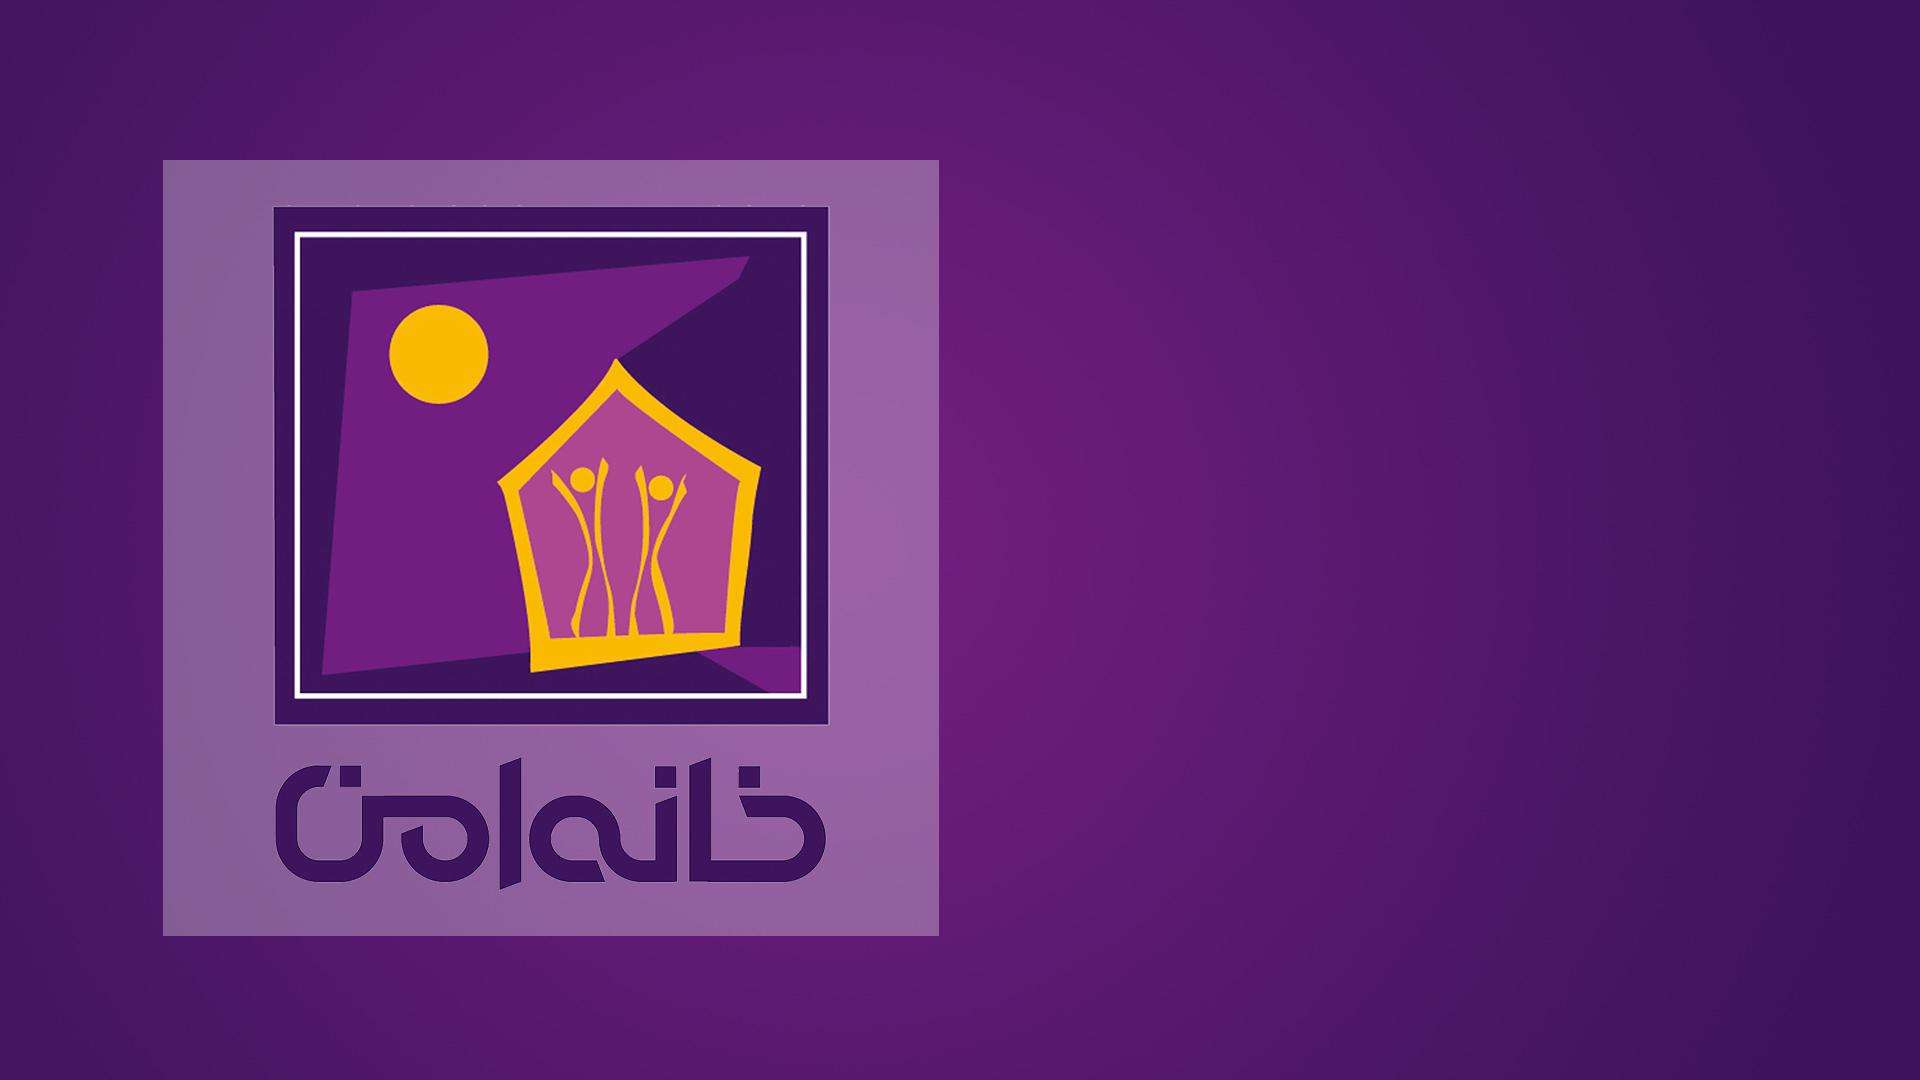 خانه امن - سازمان حمایت از قربانیان خشونت خانگی